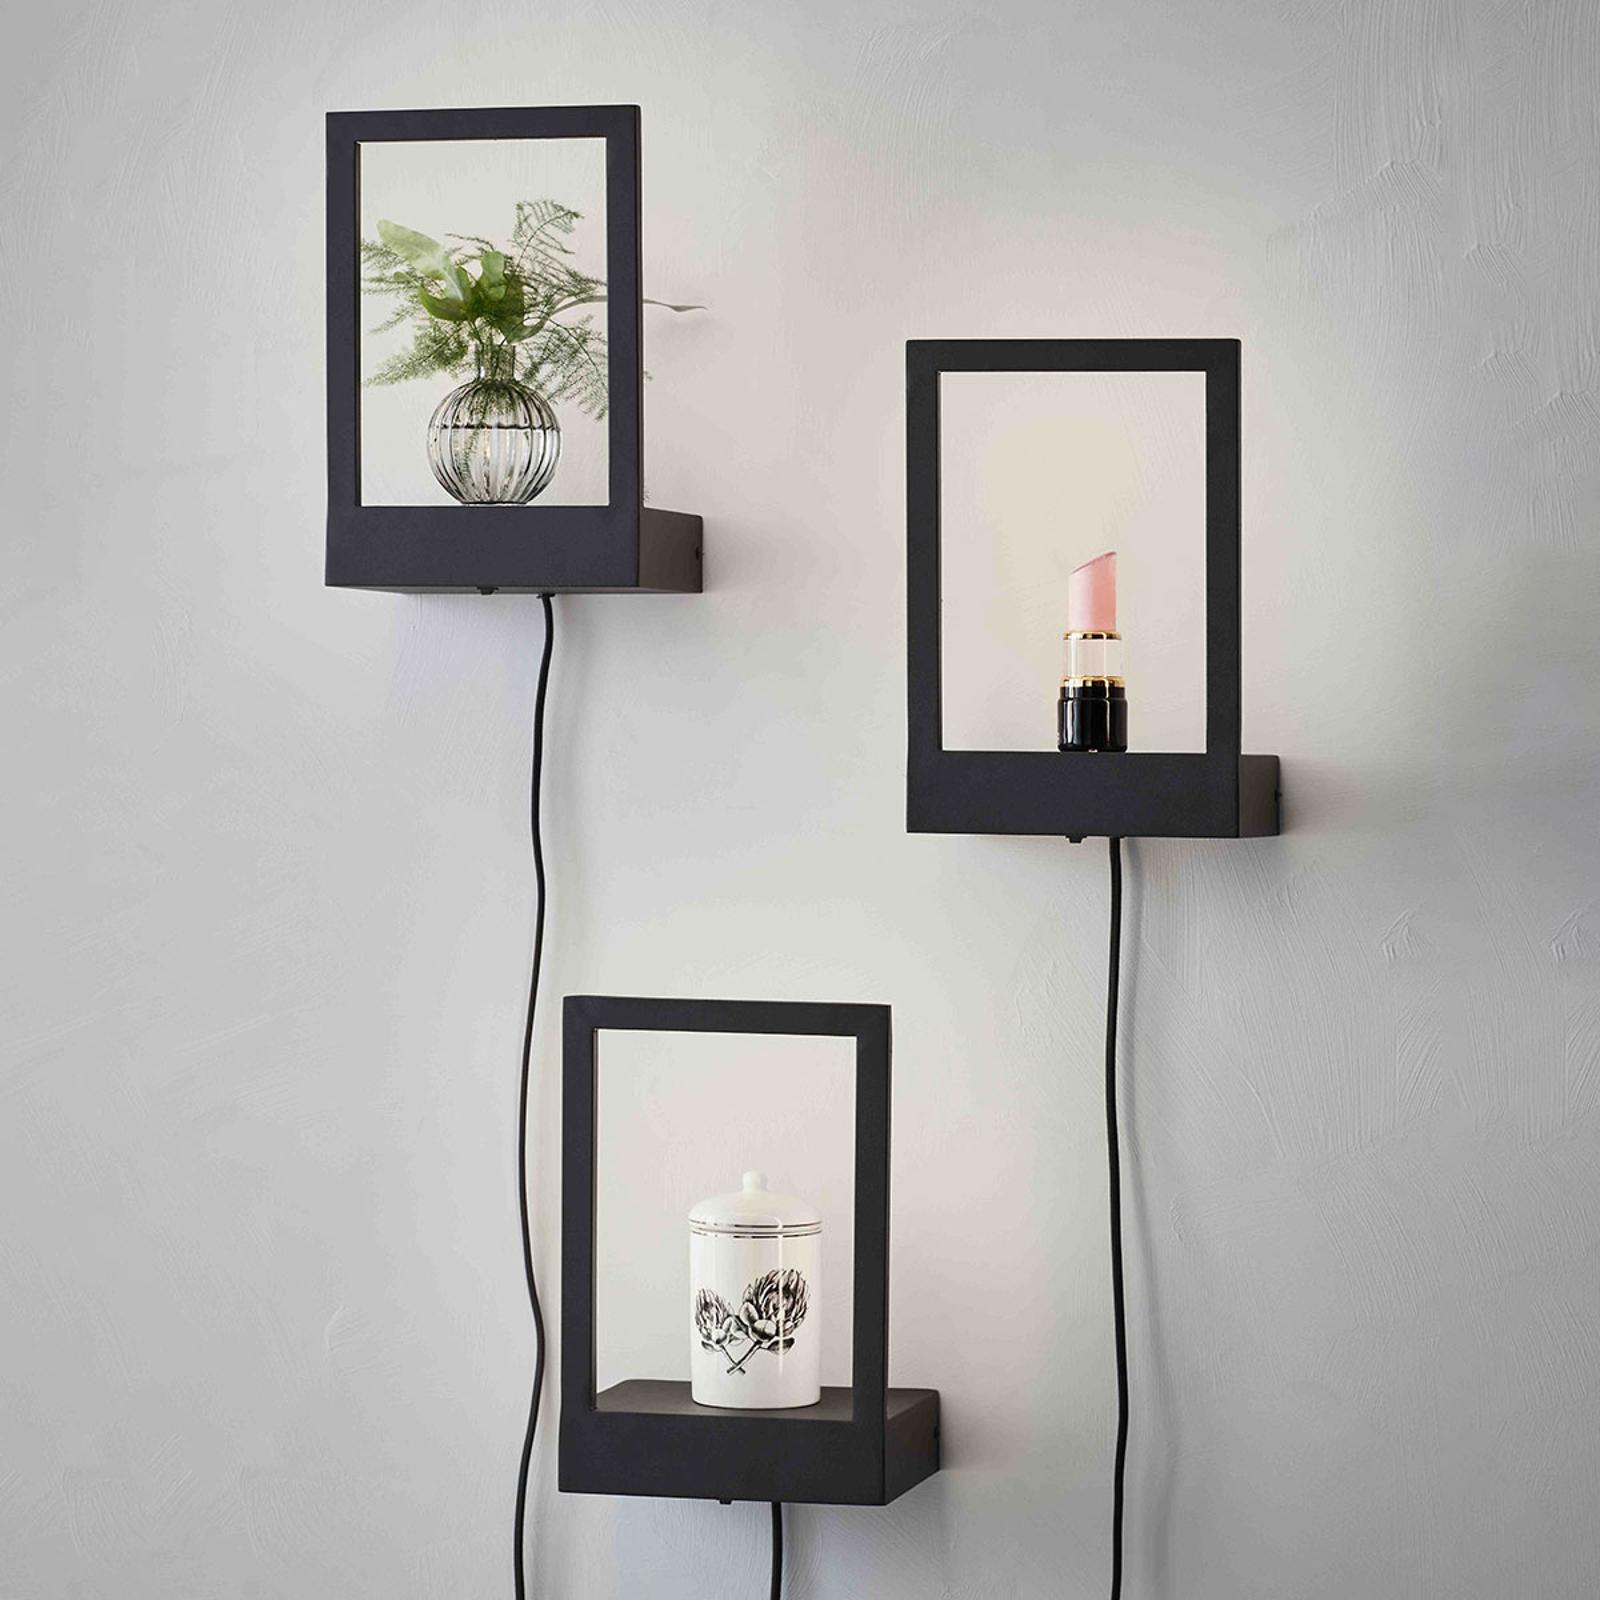 LED-Wandleuchte Pablo mit Stecker und Schalter